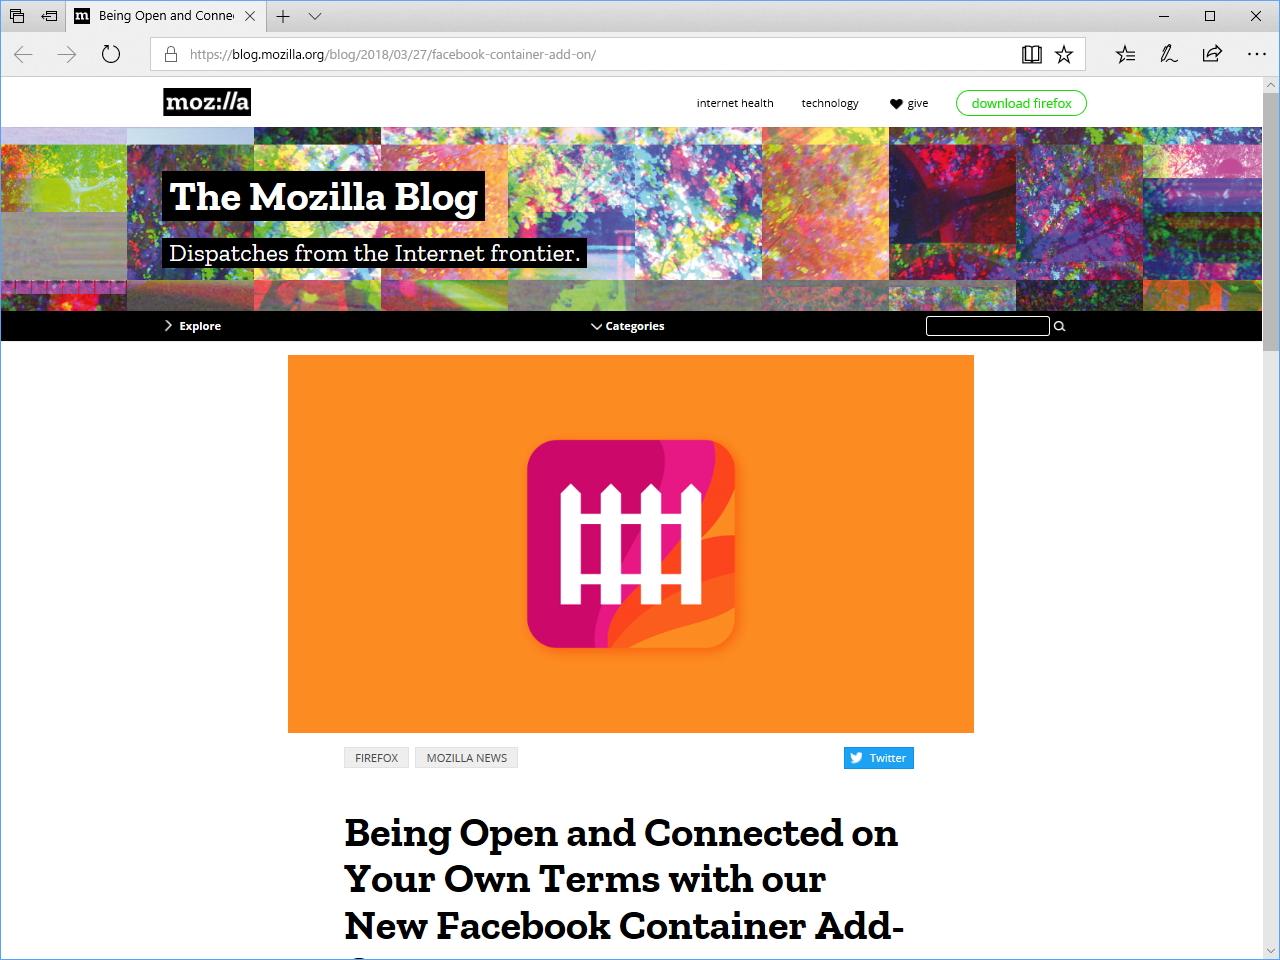 Mozillaの公式ブログ